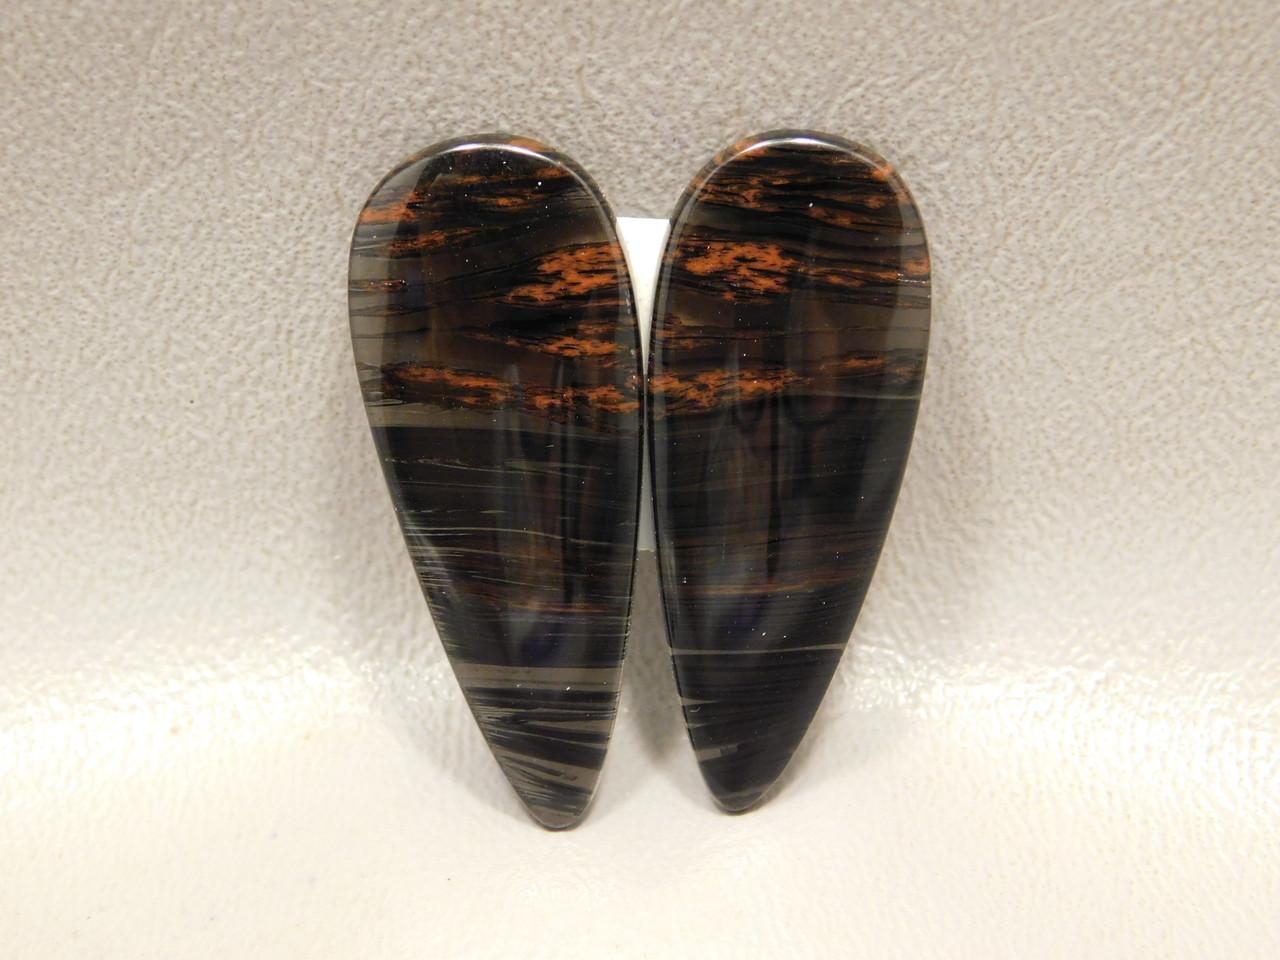 Mahogany Obsidian Matched Pairs Cabochons #1